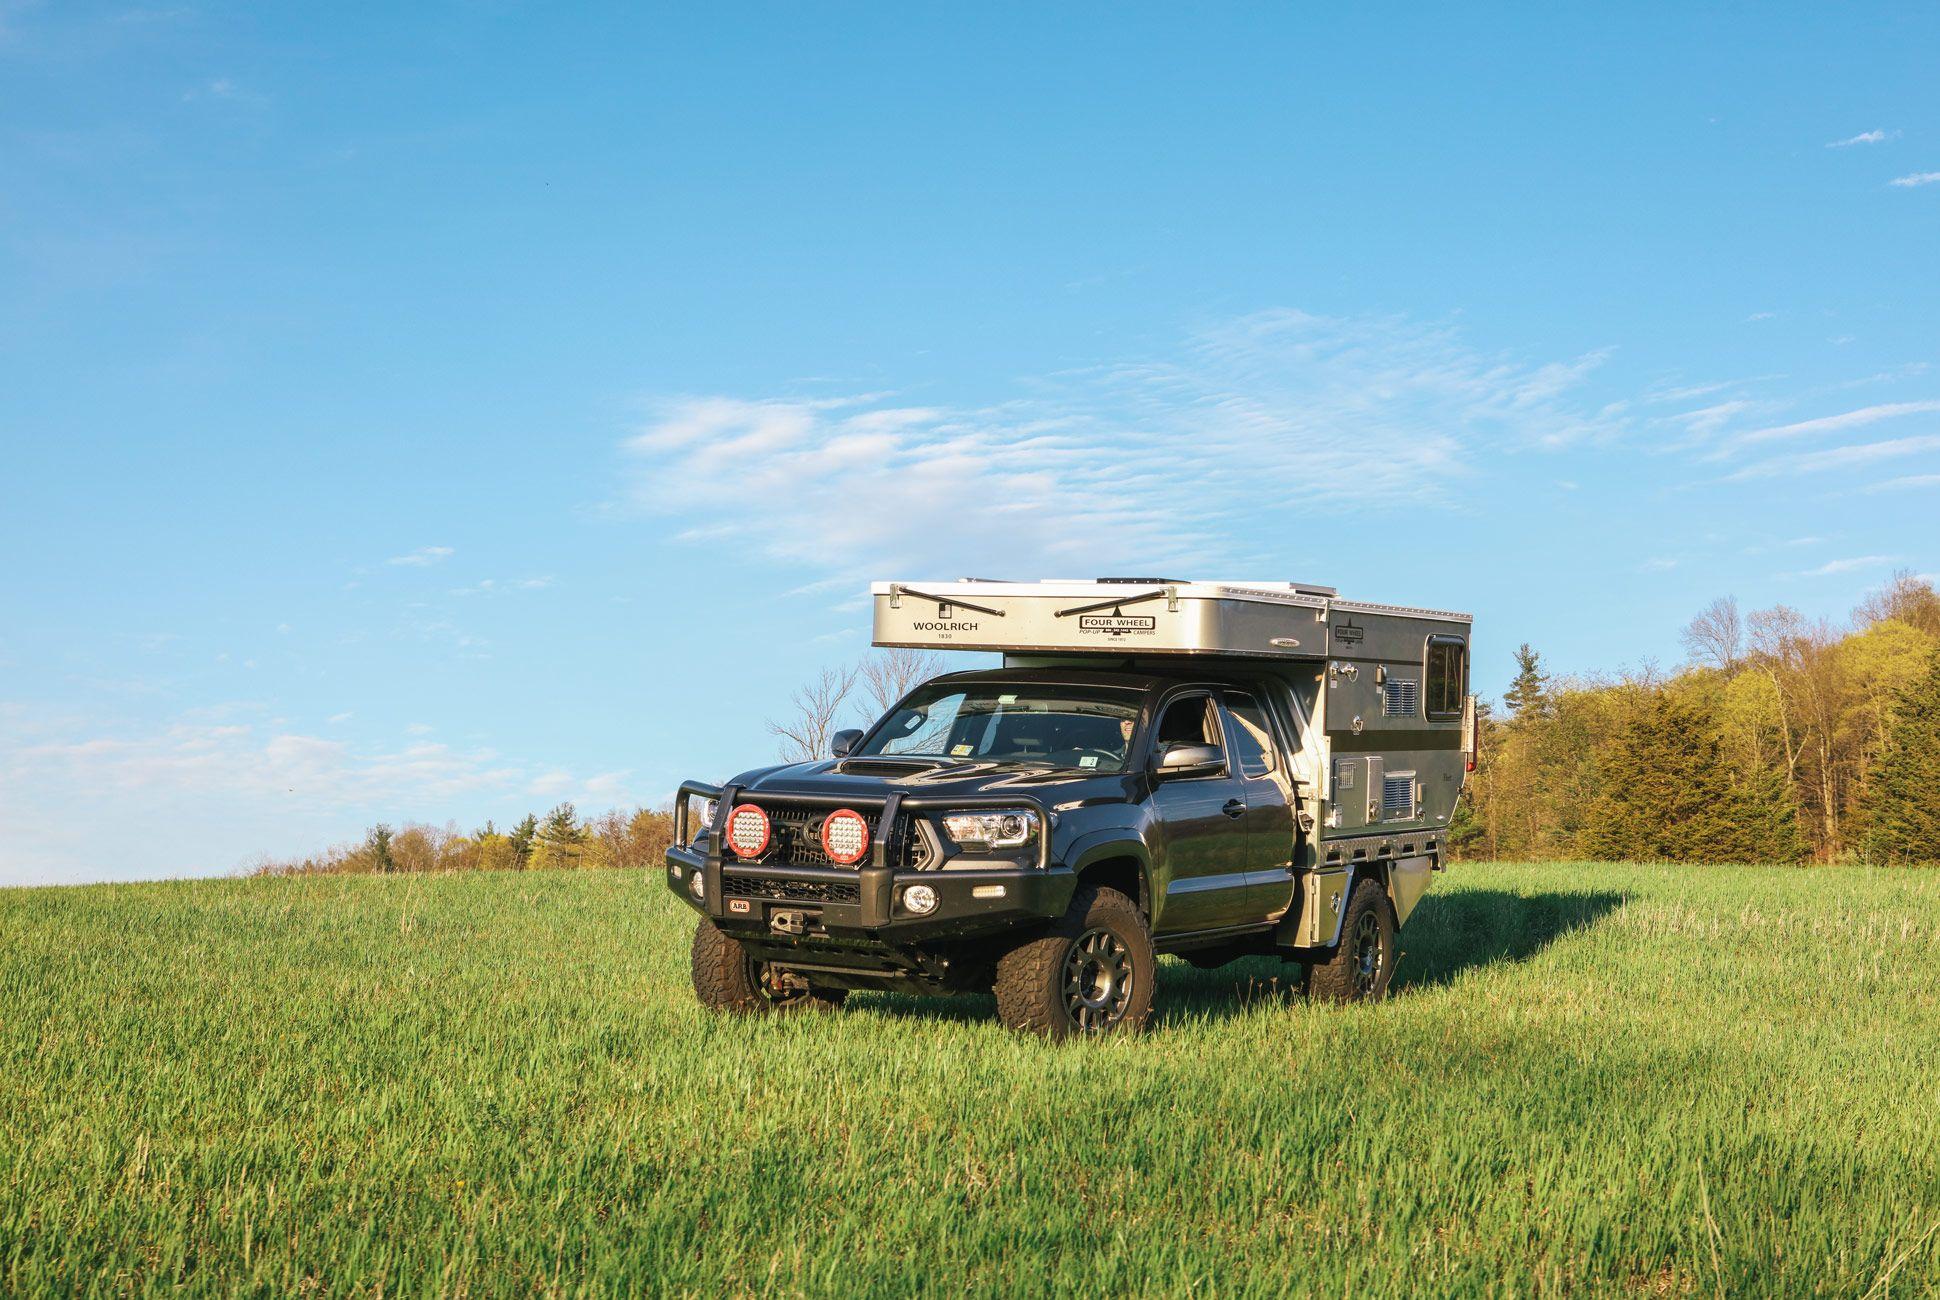 Woolrich-Truck-Gear-Patrol-2